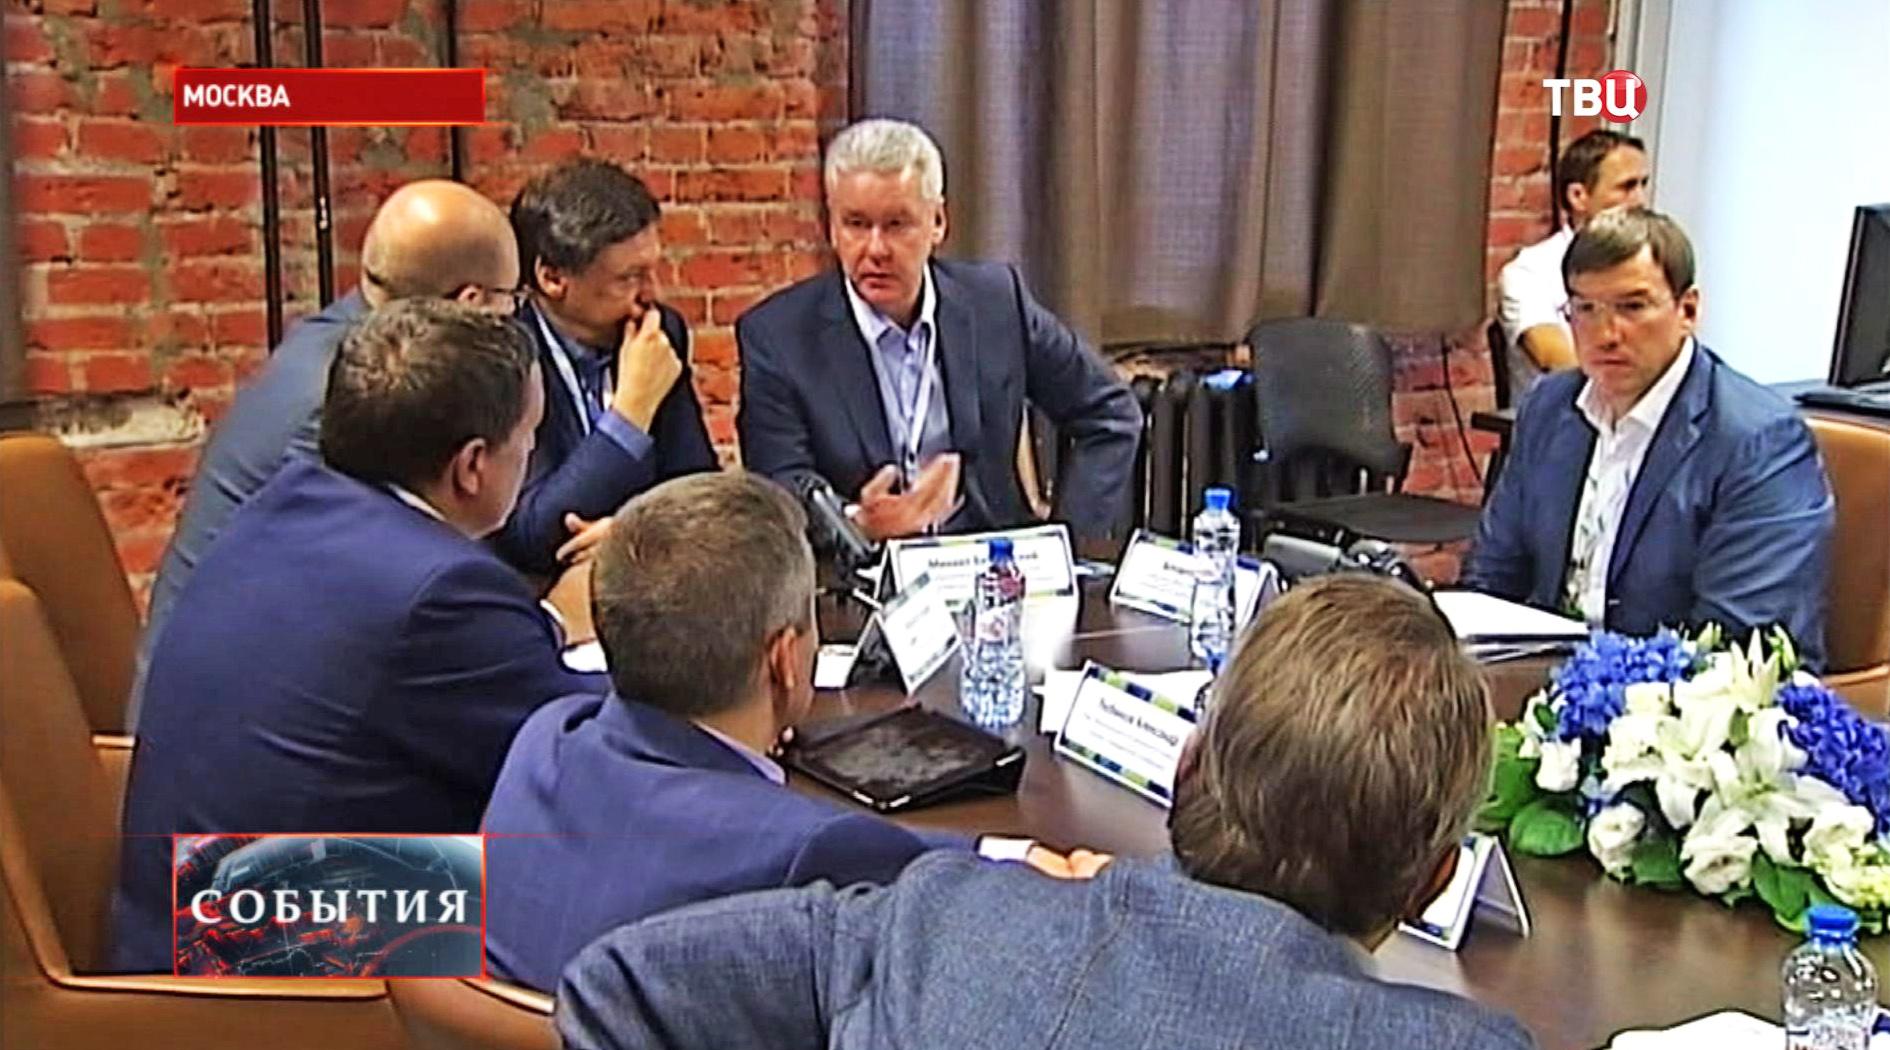 Сергей Собянин во время посещения Общественного штаба